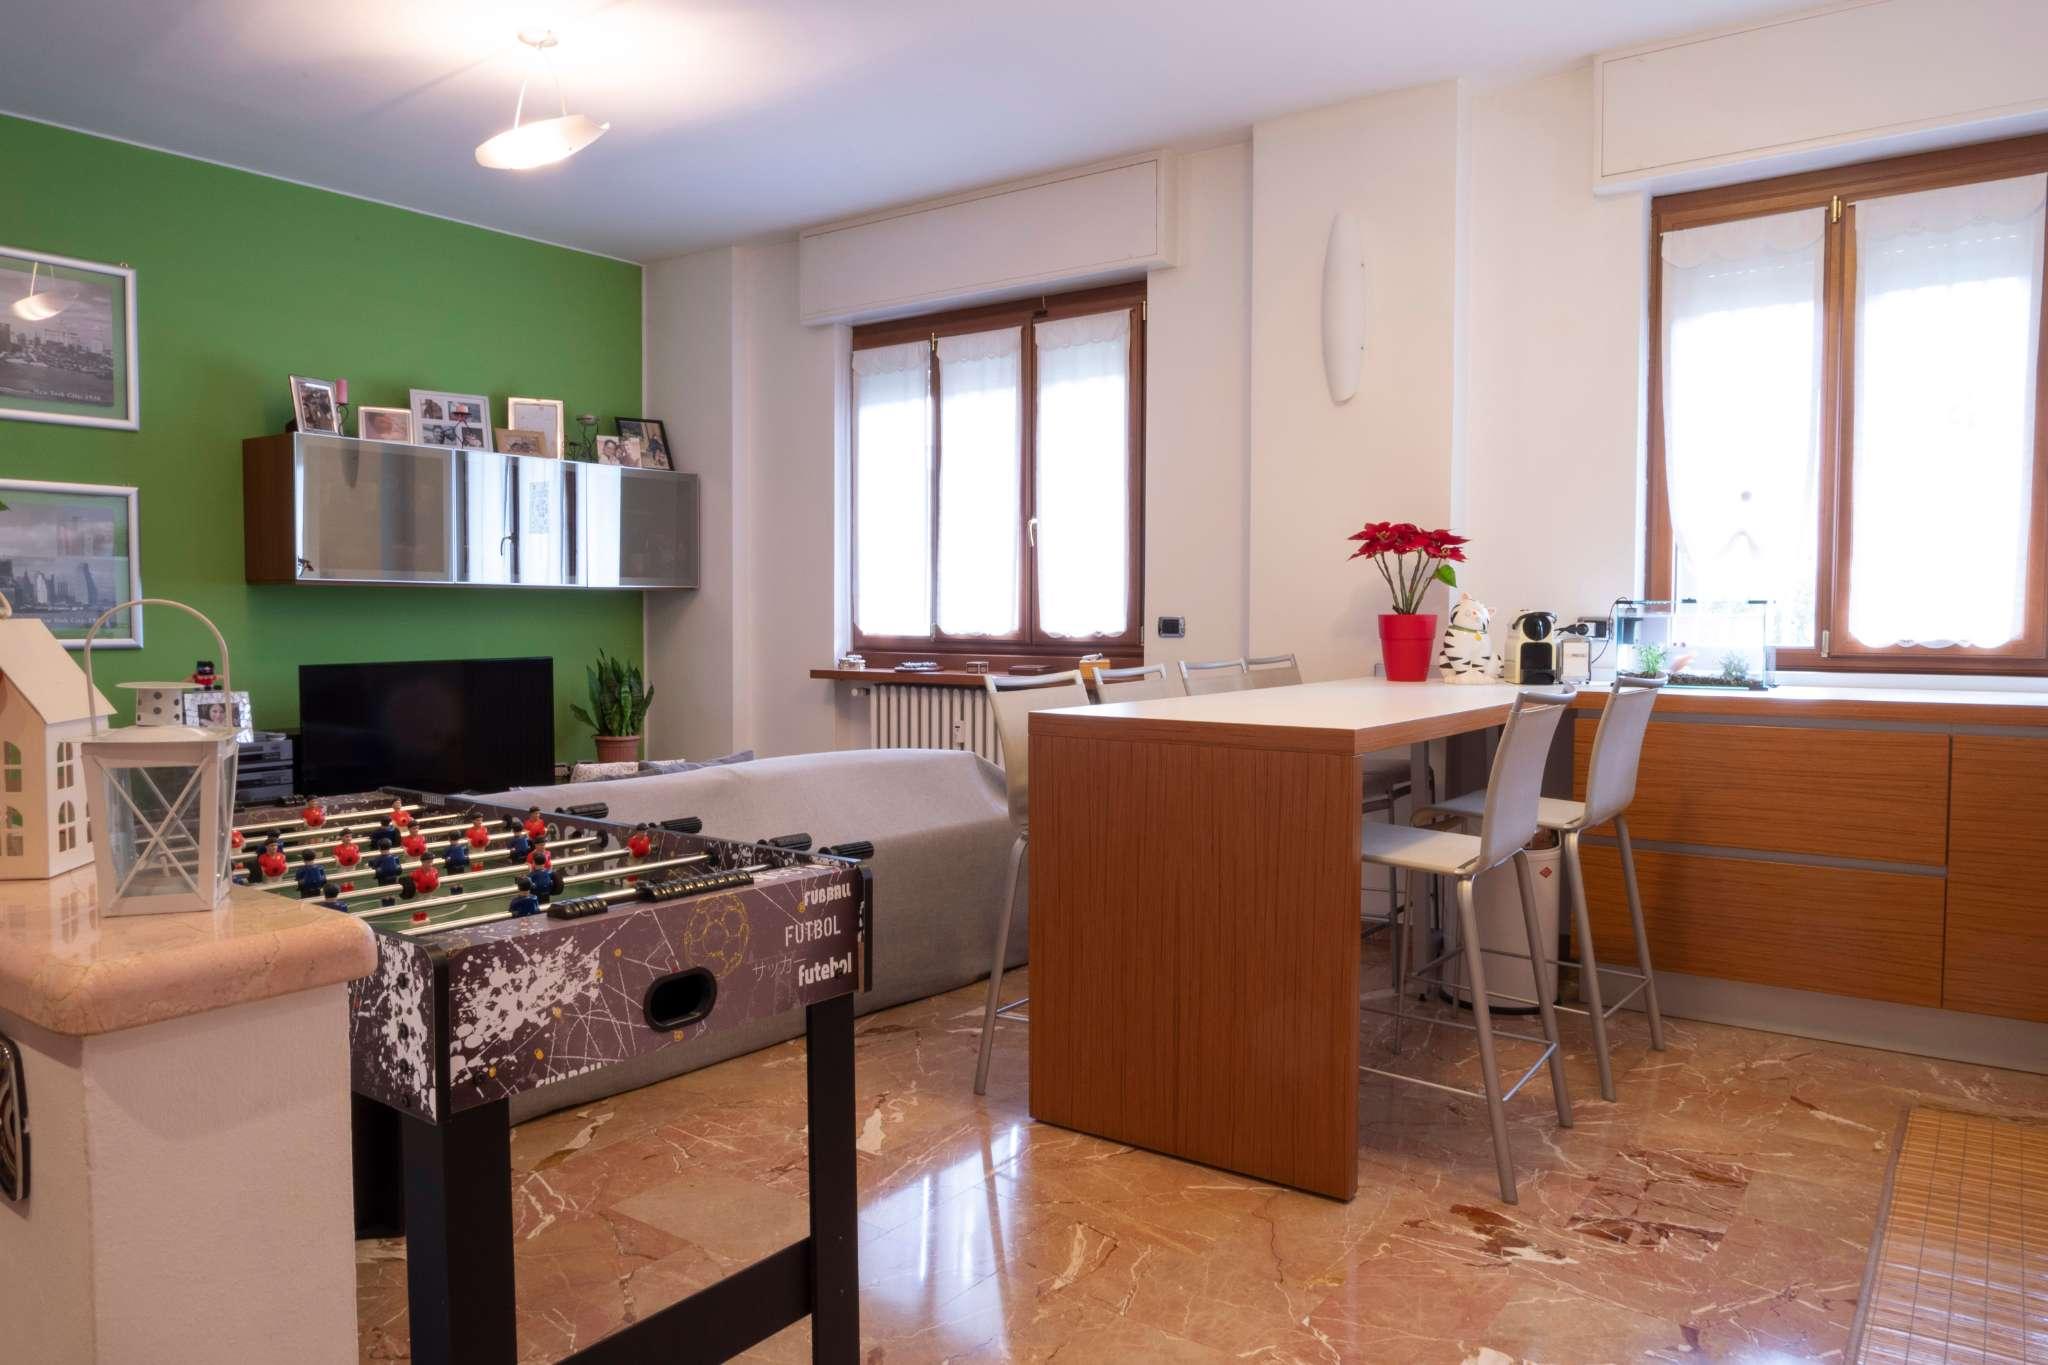 Appartamento in vendita a Sesto San Giovanni, 3 locali, prezzo € 245.000   CambioCasa.it